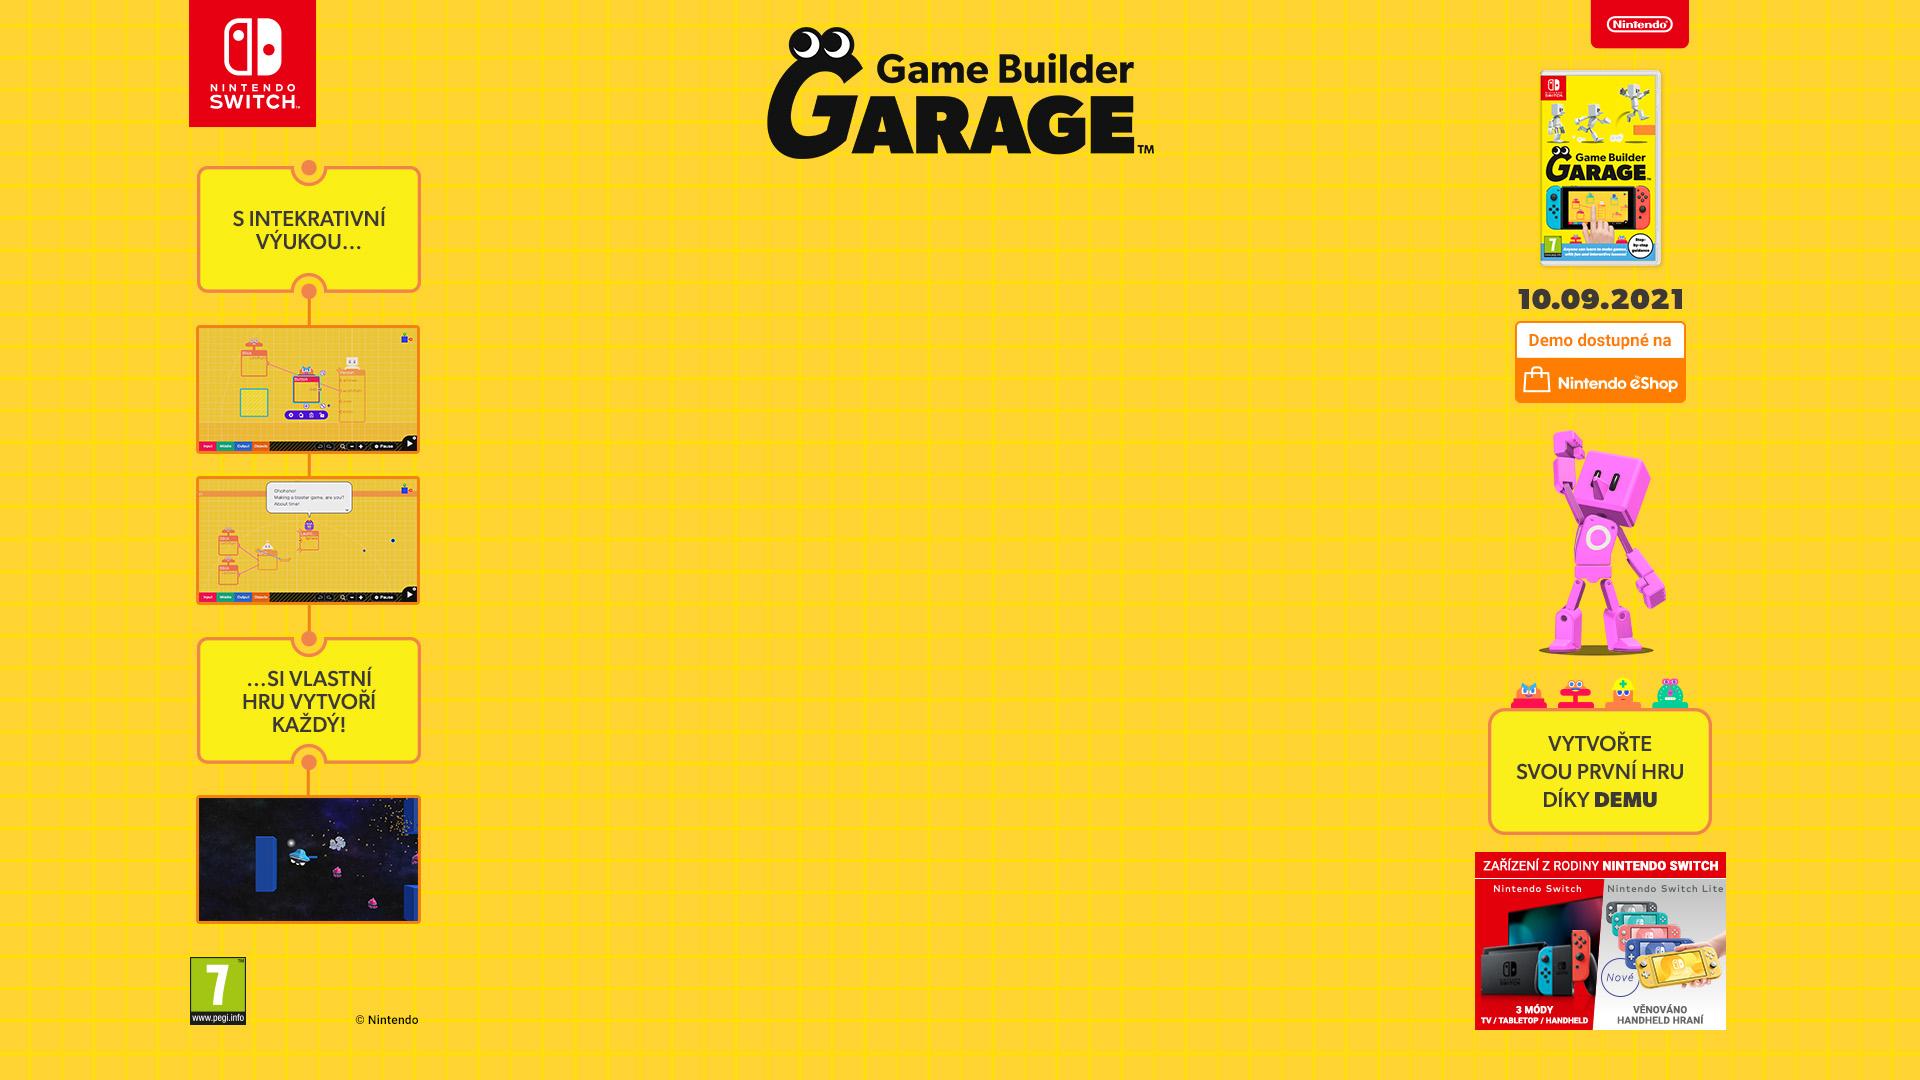 NINTENDOSHOP SWITCH Game Builder Garage